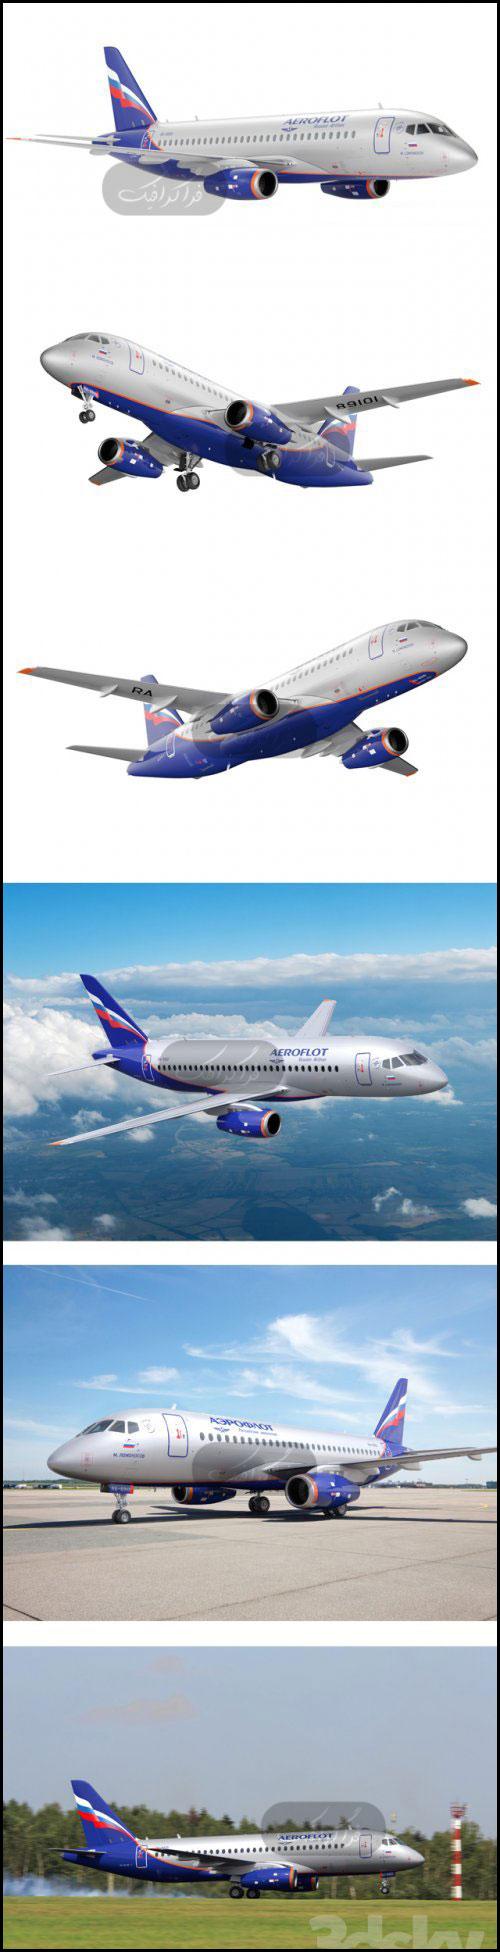 دانلود مدل سه بعدی هواپیما - شماره 2